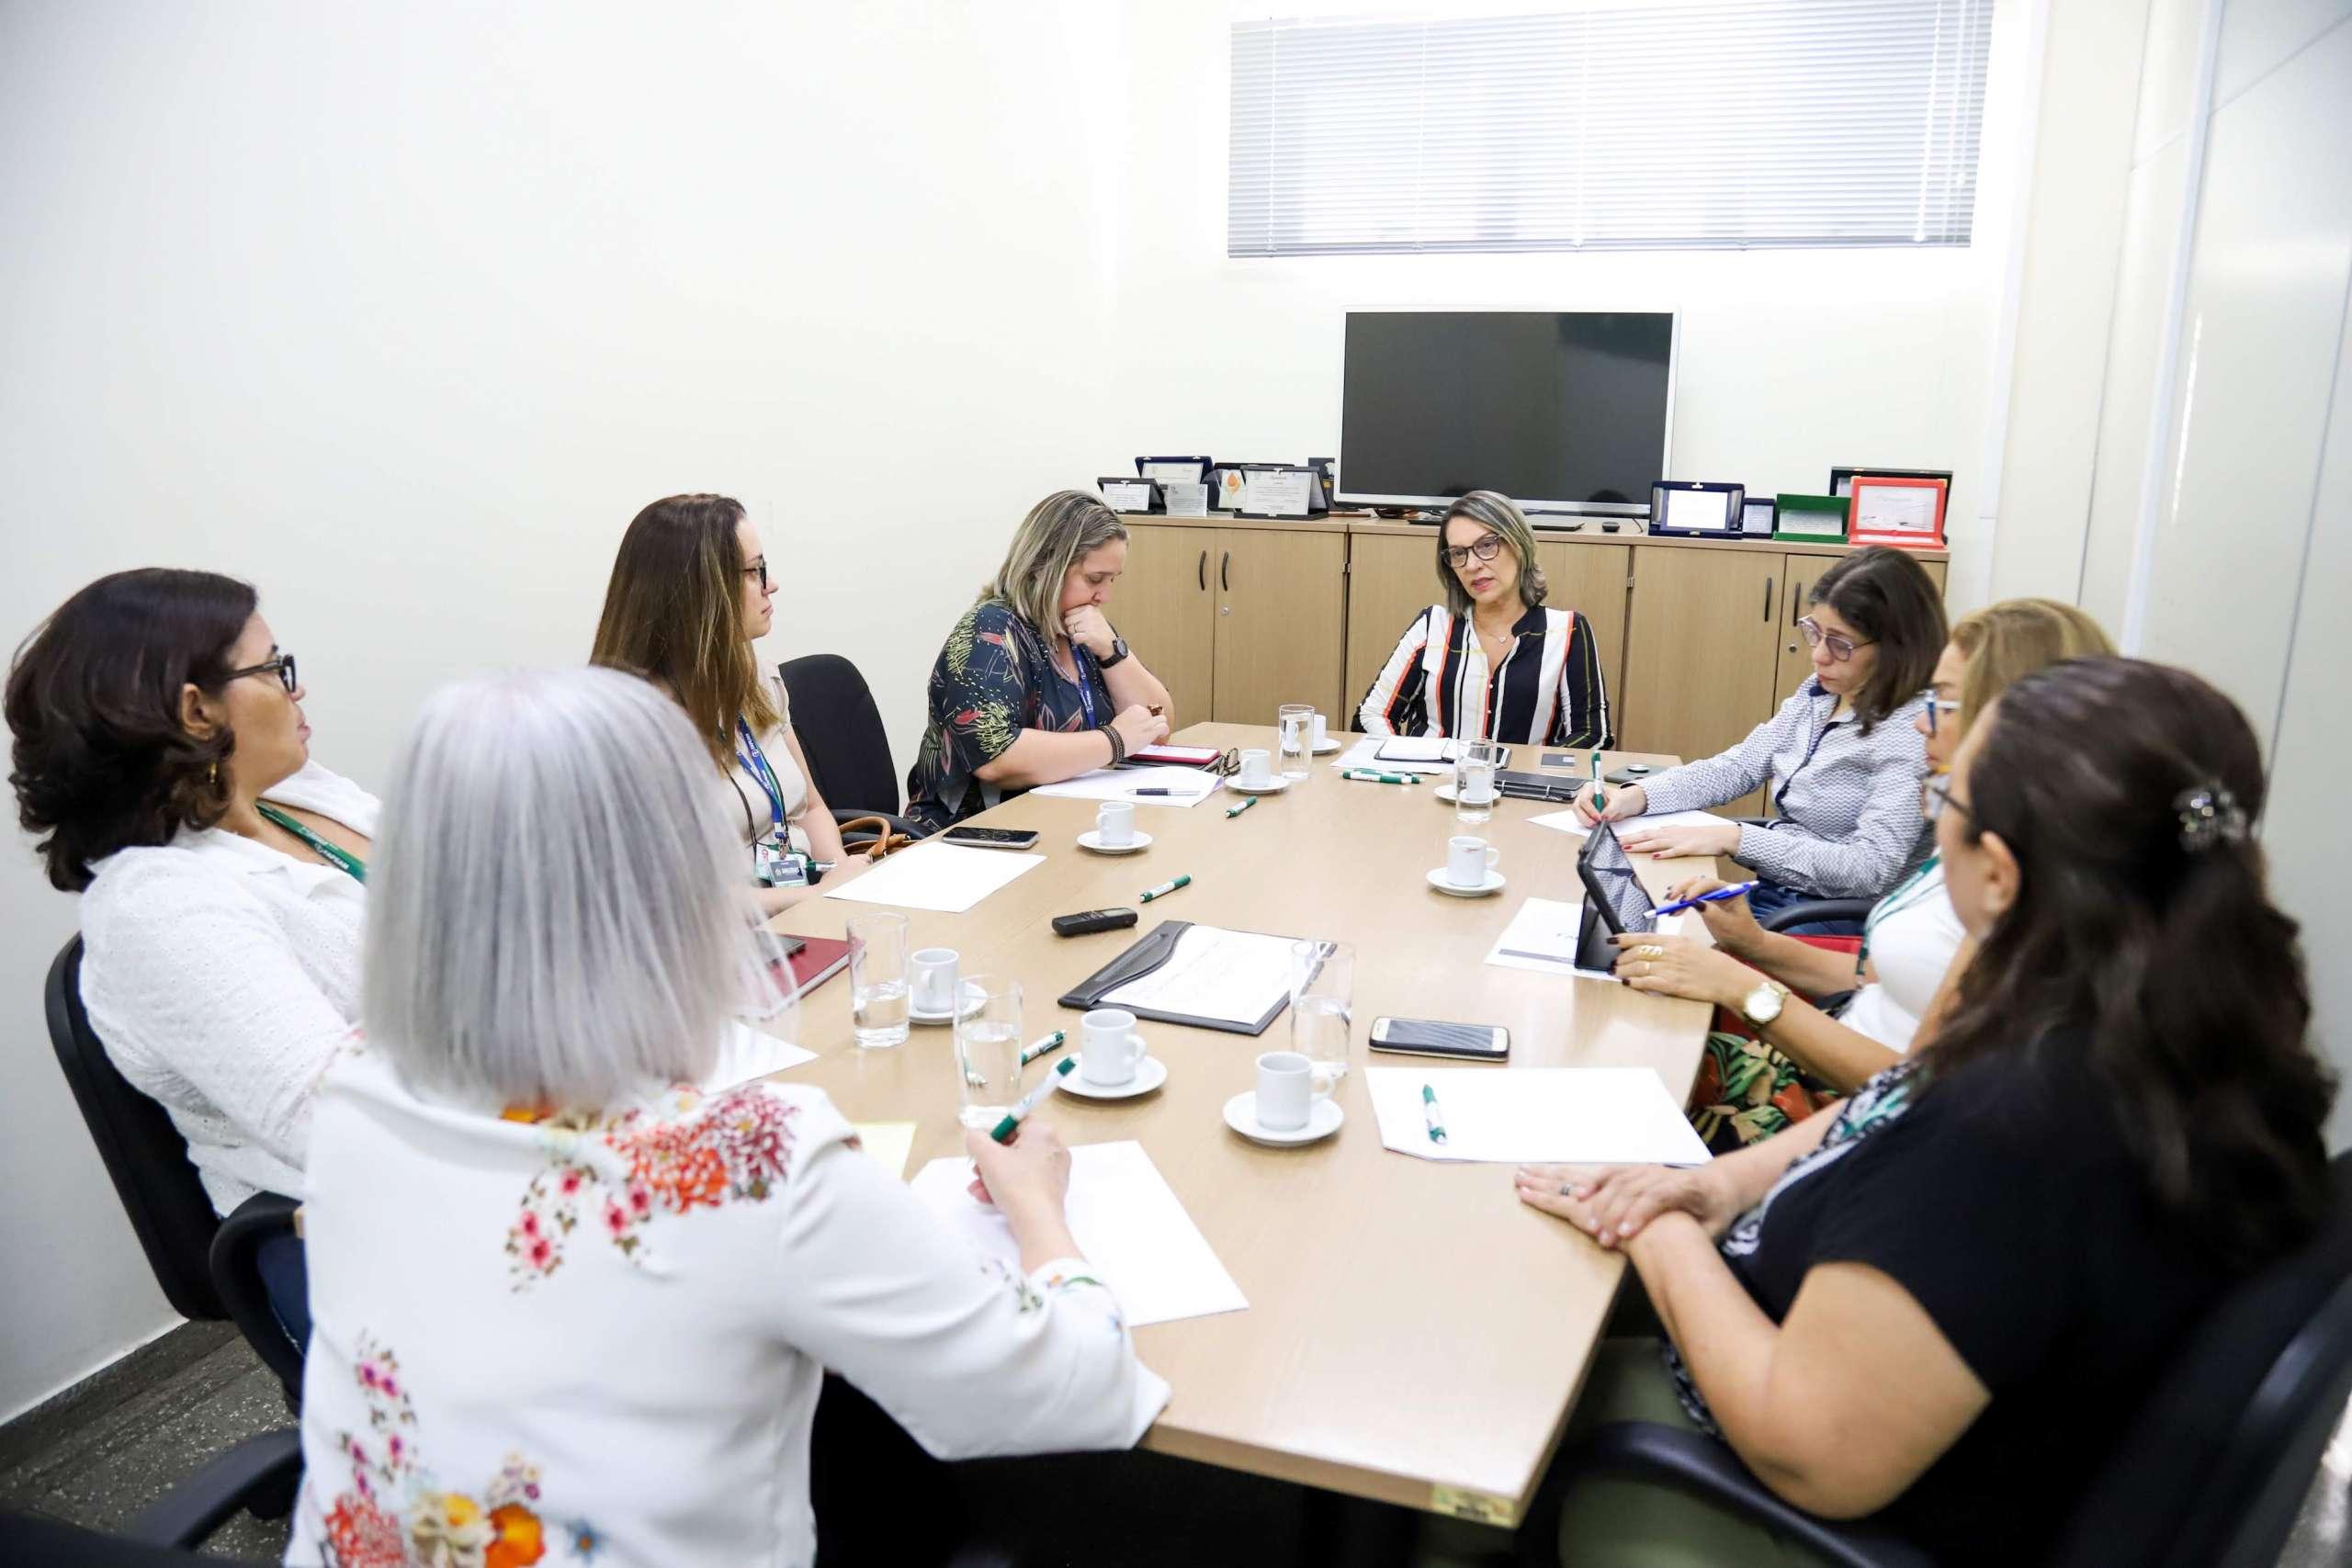 Fapeam reúne com pró-reitores para ações de melhoria dos programas de pós-graduação do Amazonas / FOTO: Érico Xavier/Fapeam